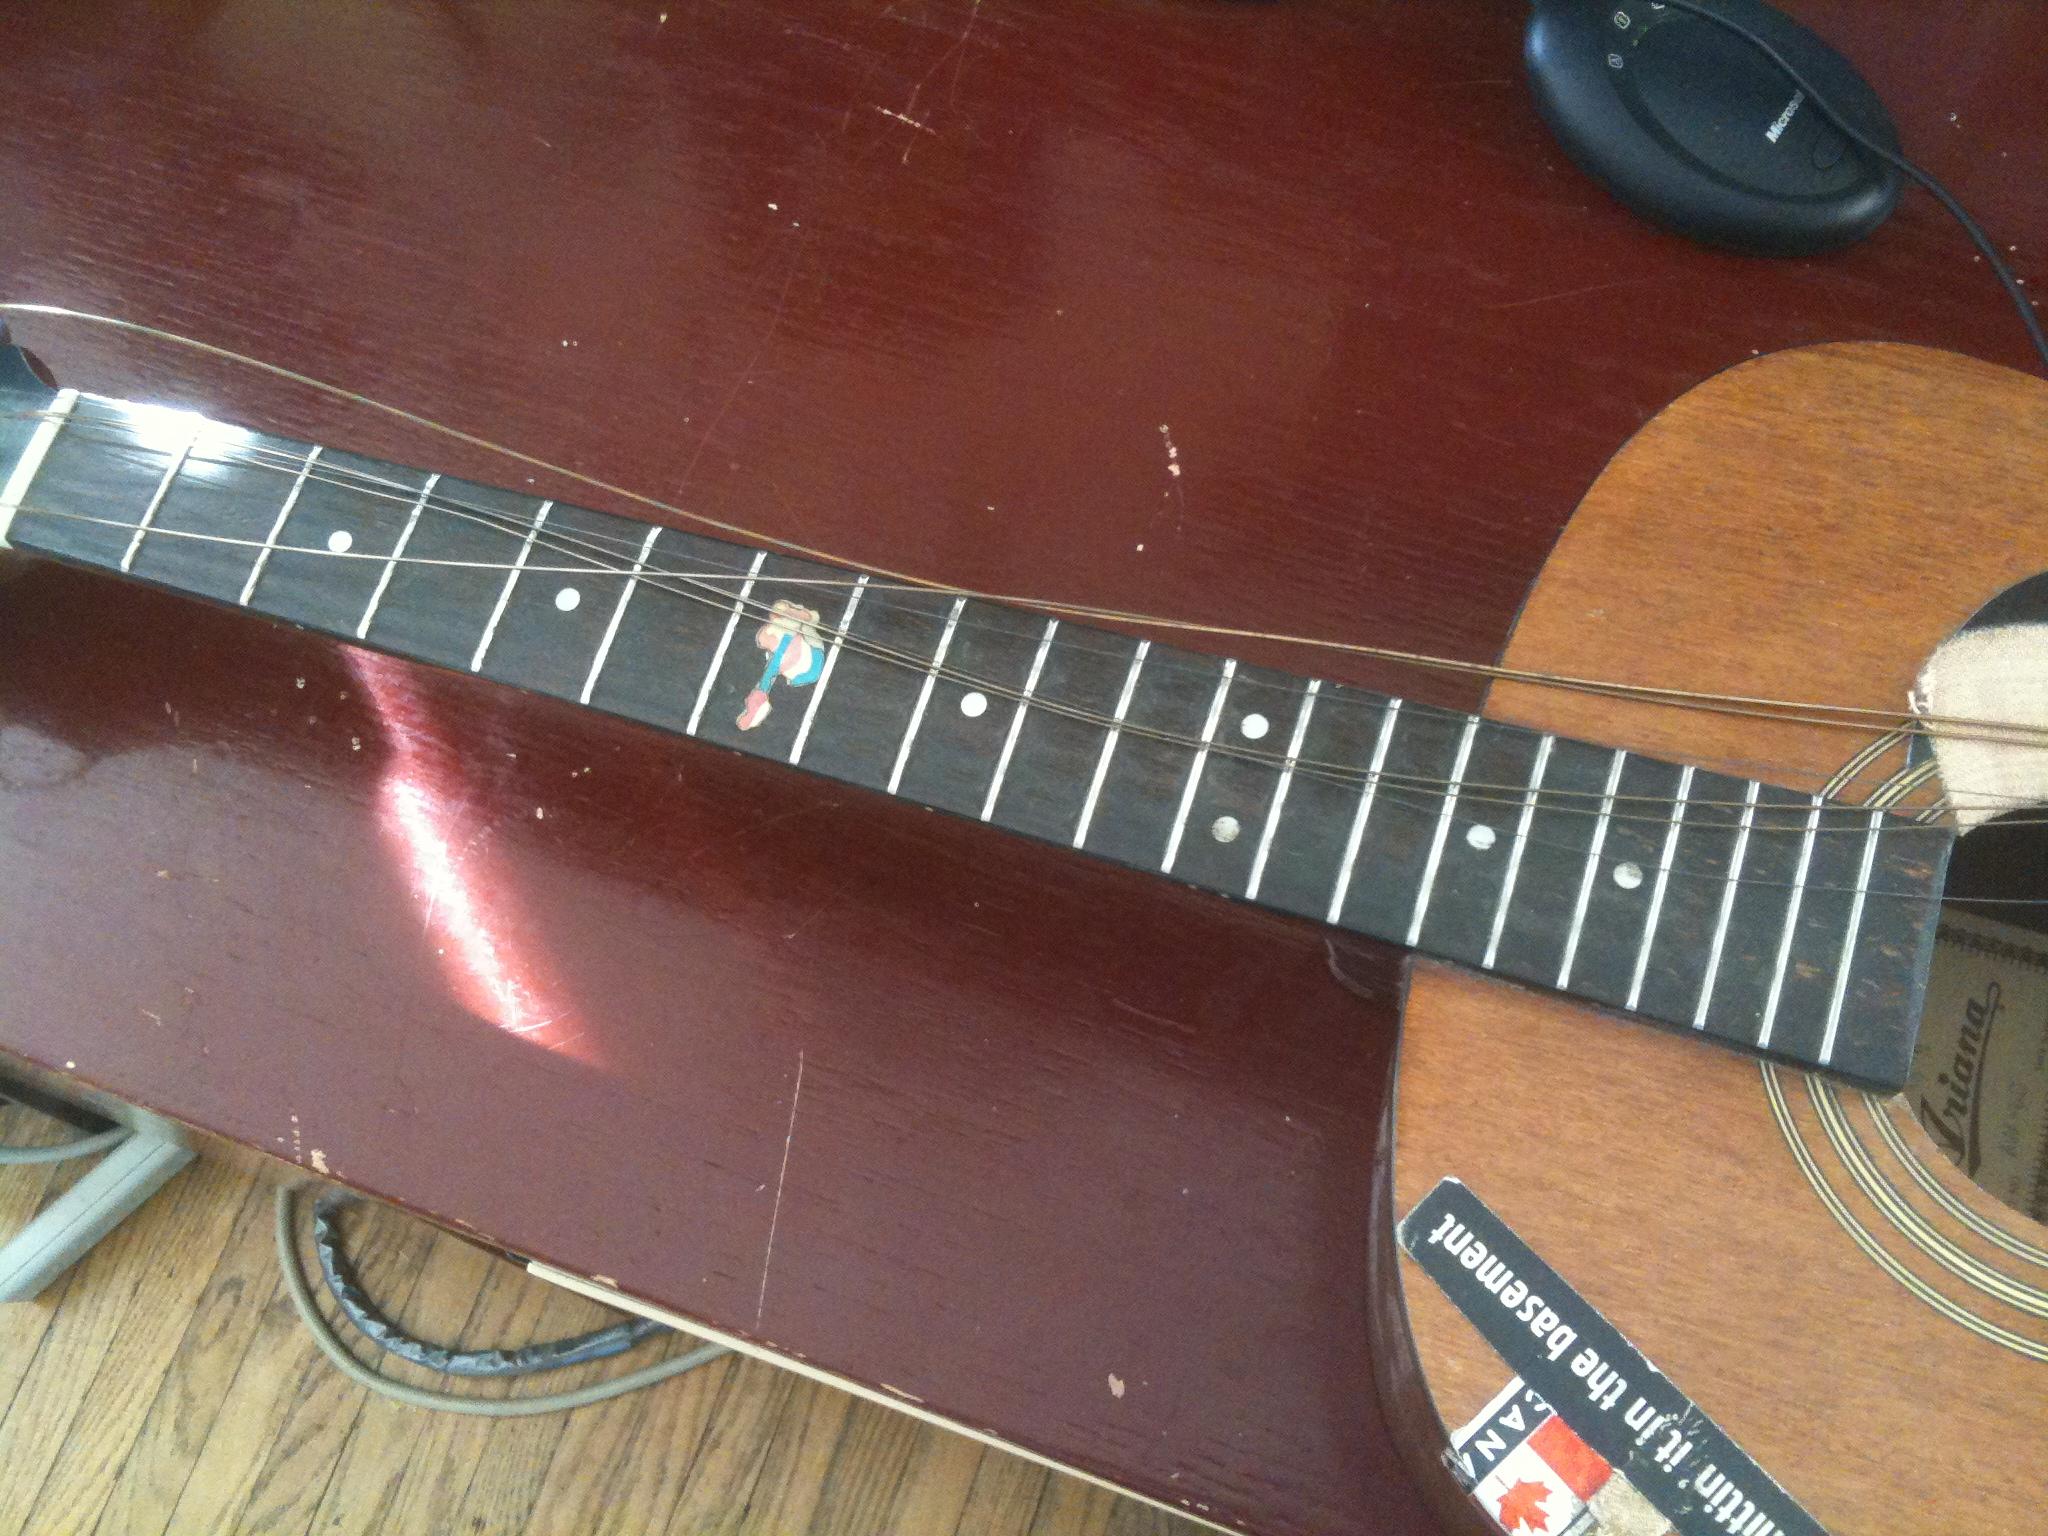 Week 13: DIY Guitar Repair   Weekly Creations